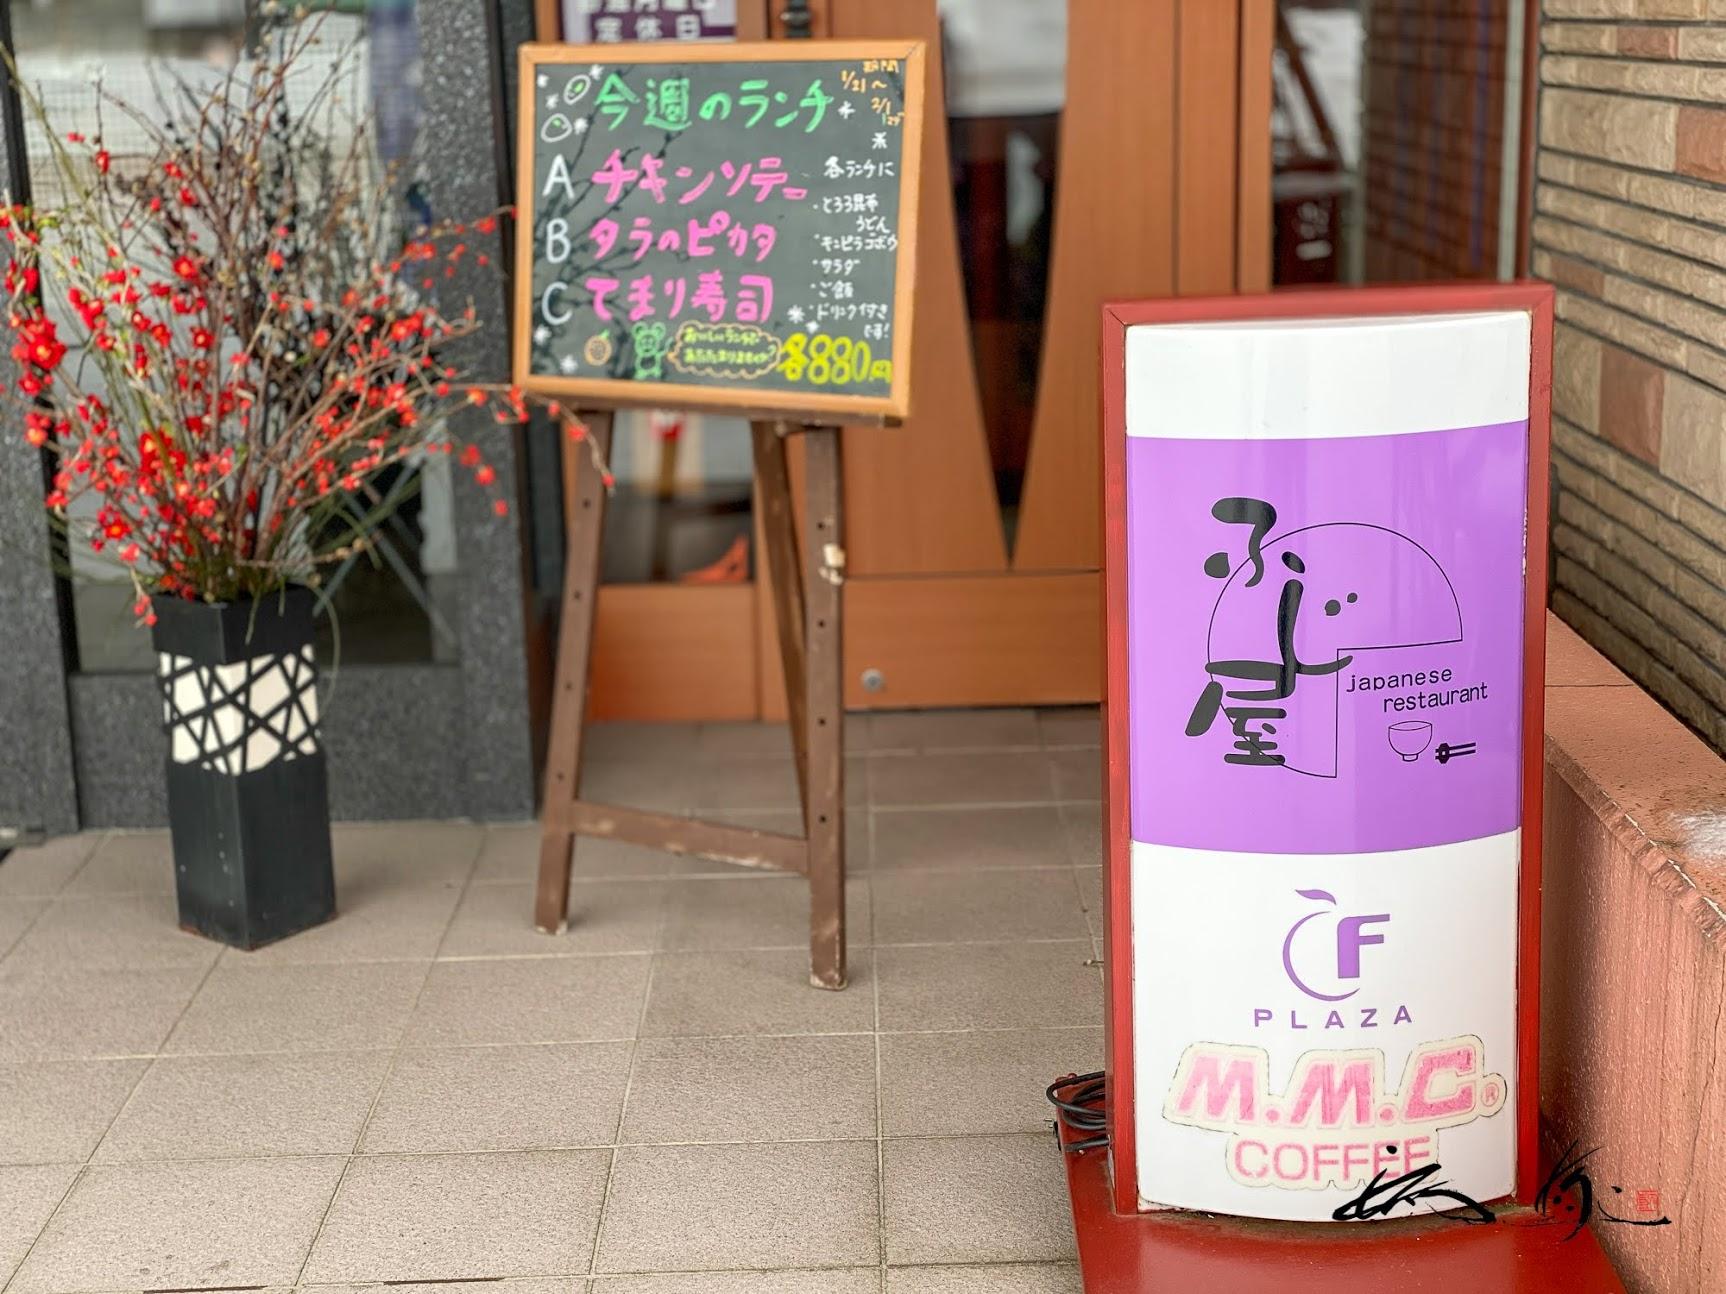 ふじ屋(深川市)和風レストランのお雛様飾りを愛で美味しいランチを味わう